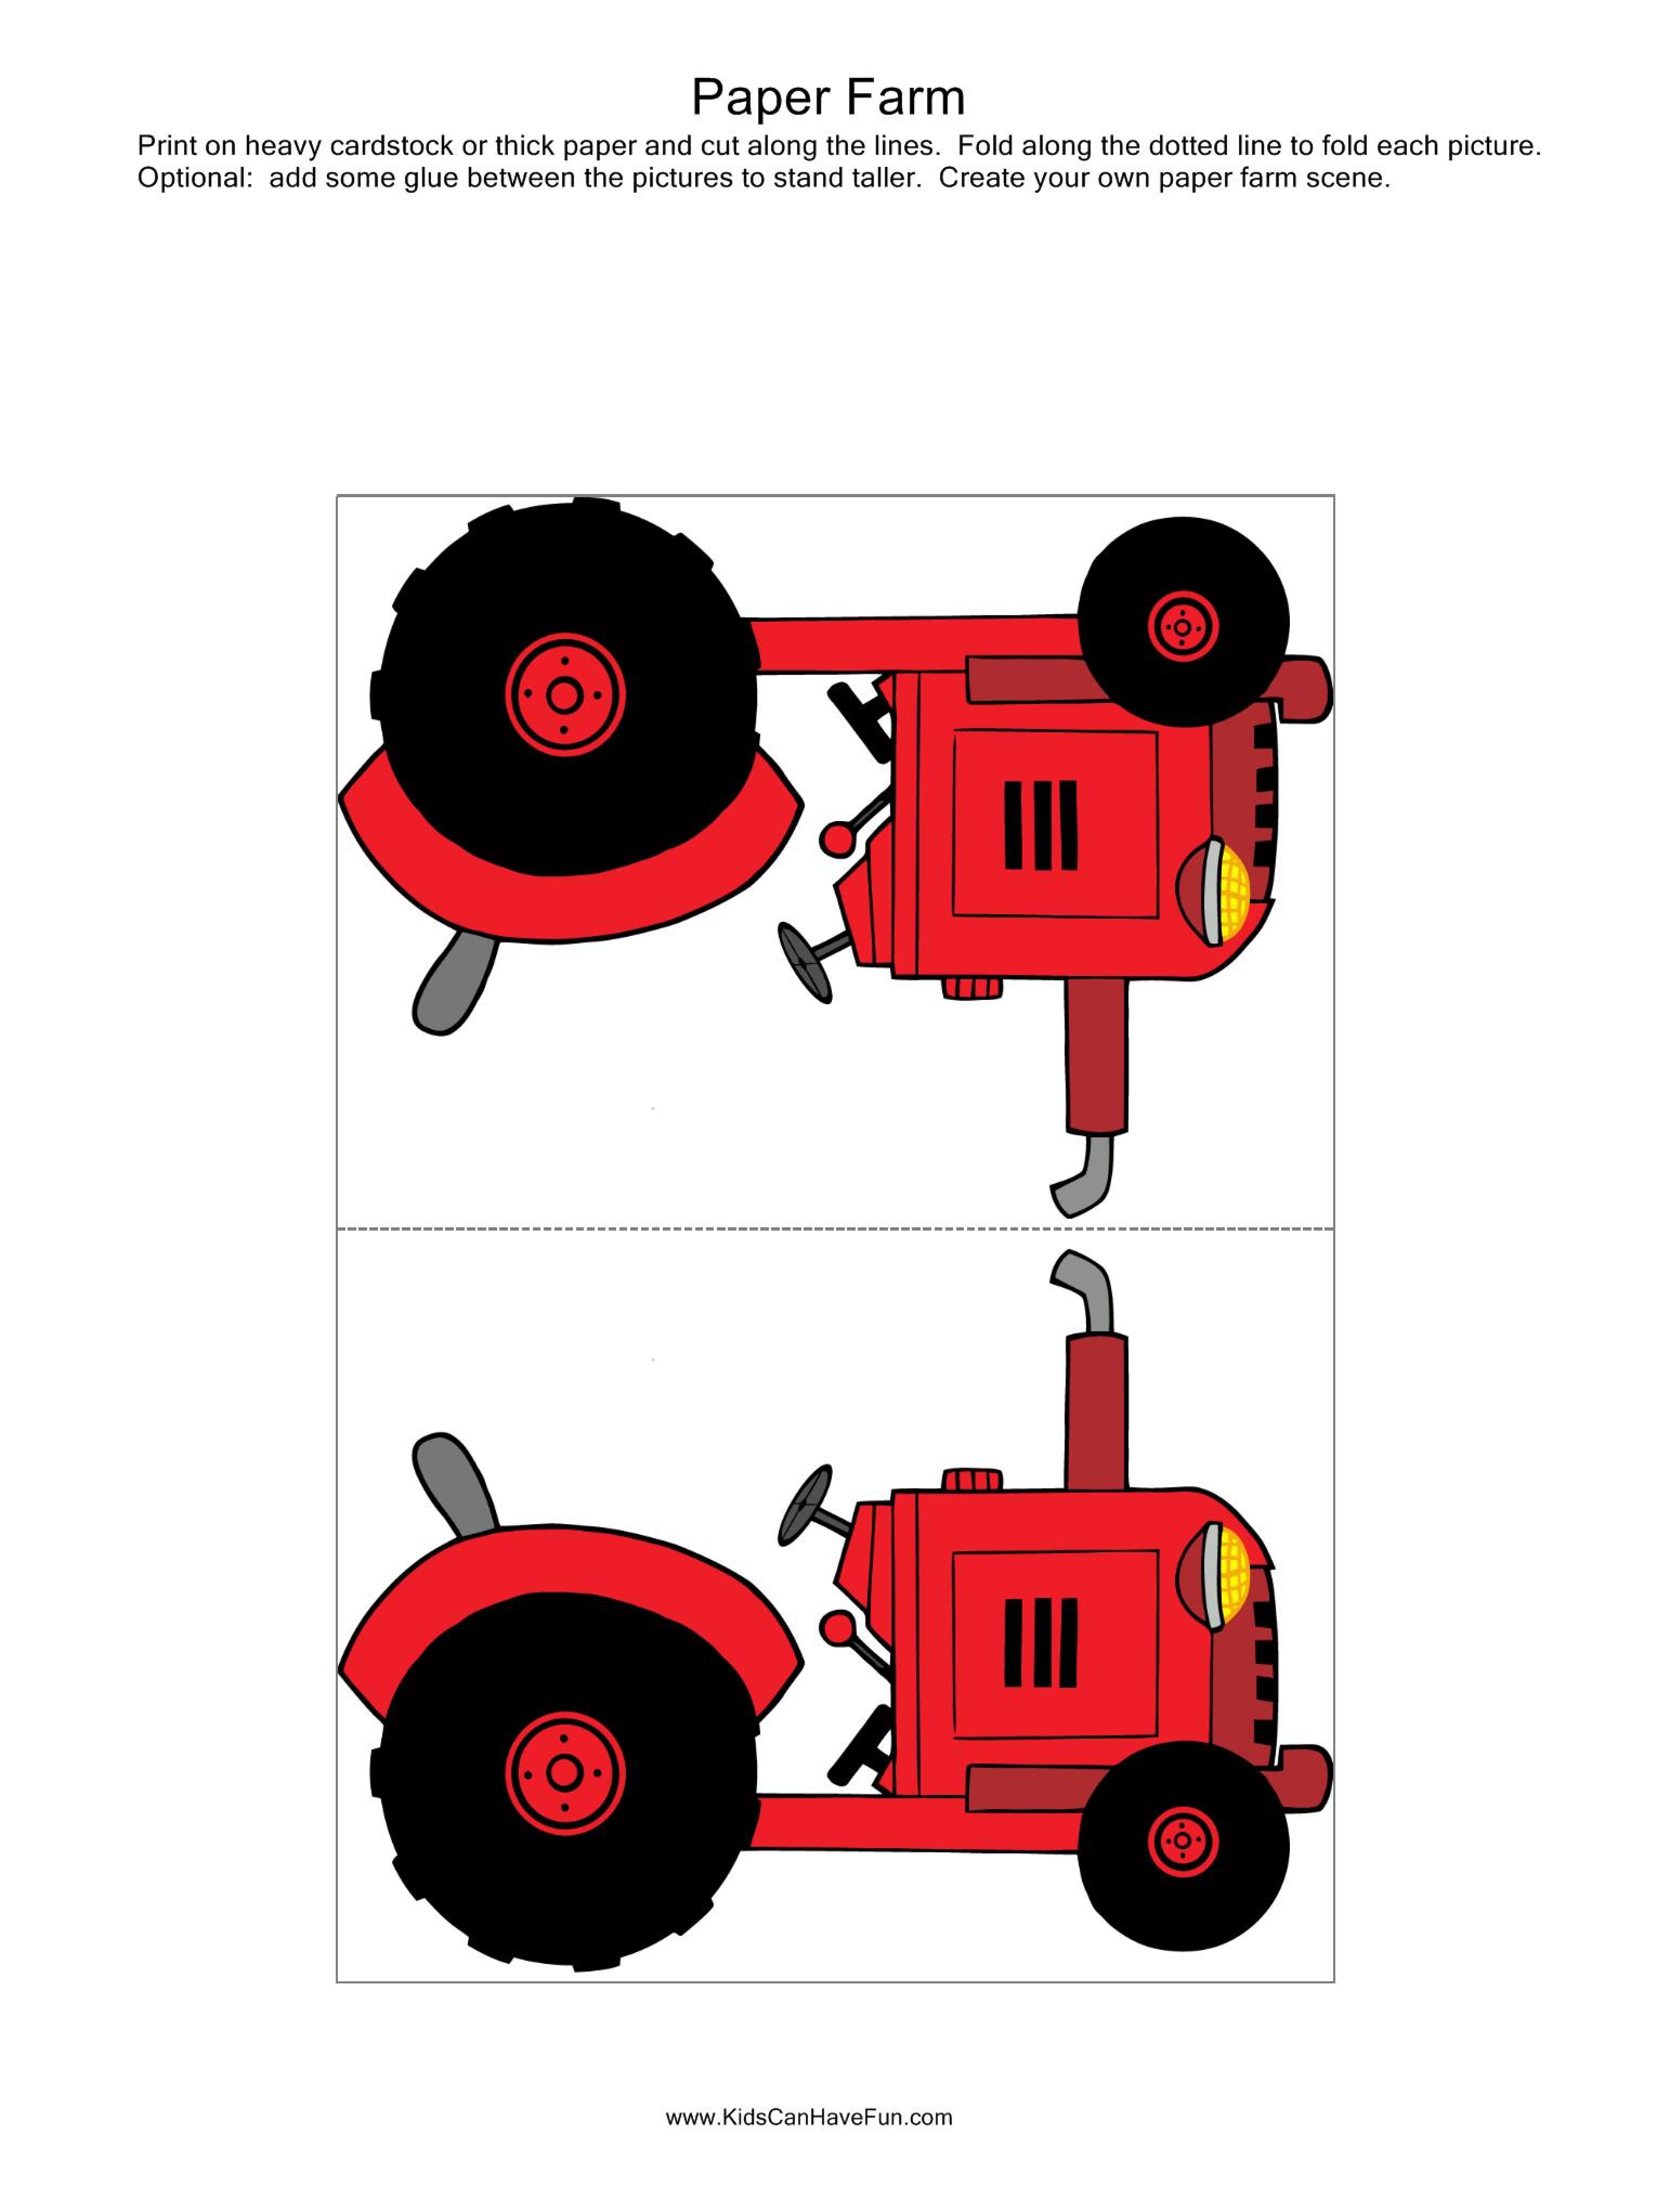 Paper Farm Tractor For Paper Farm Scene